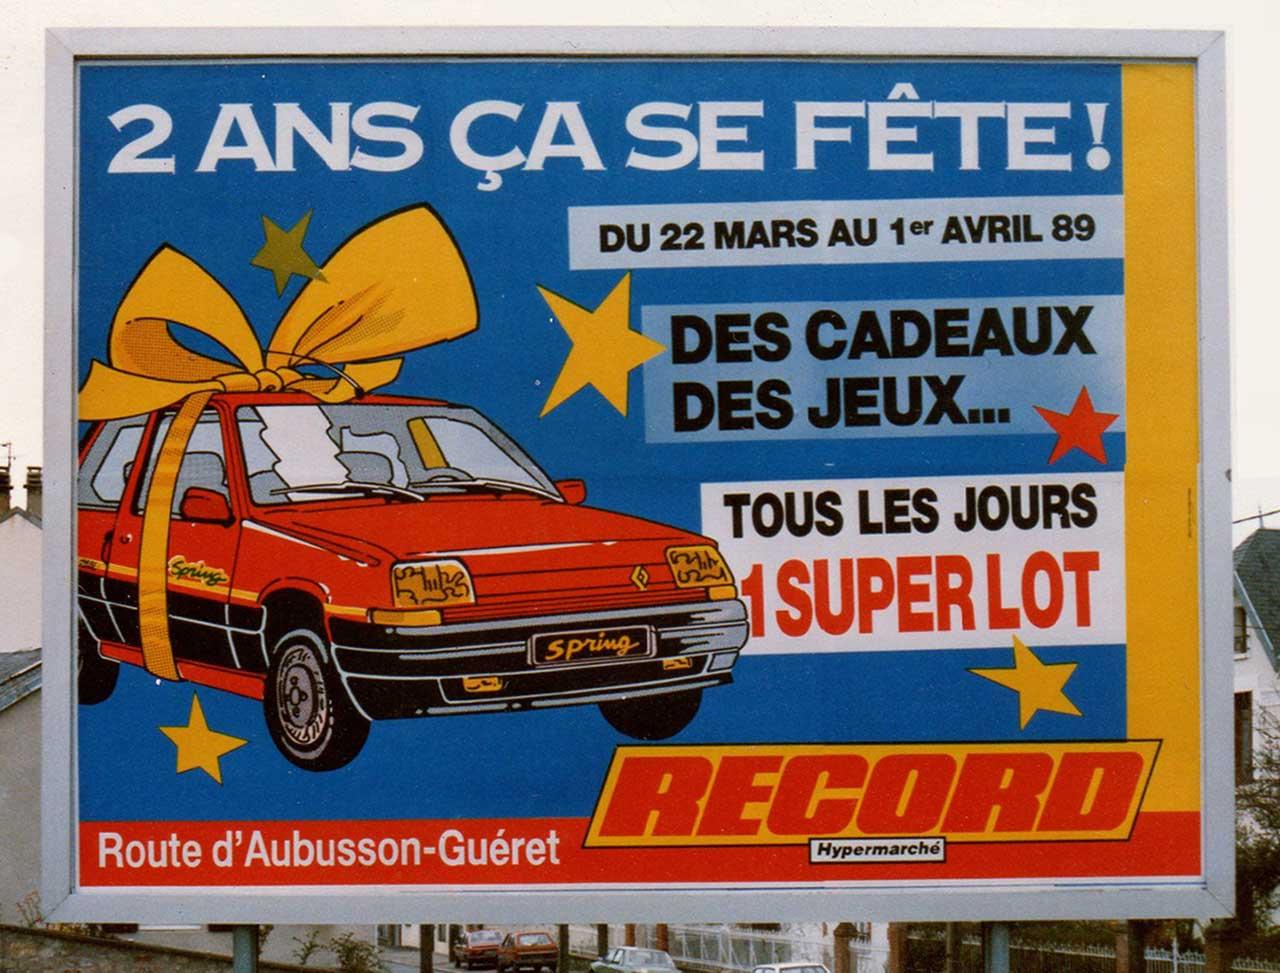 1989-Affiche-4x3-2-ans-ça-se-fête-Magasins-Record-Agence-Scandere-Limoges